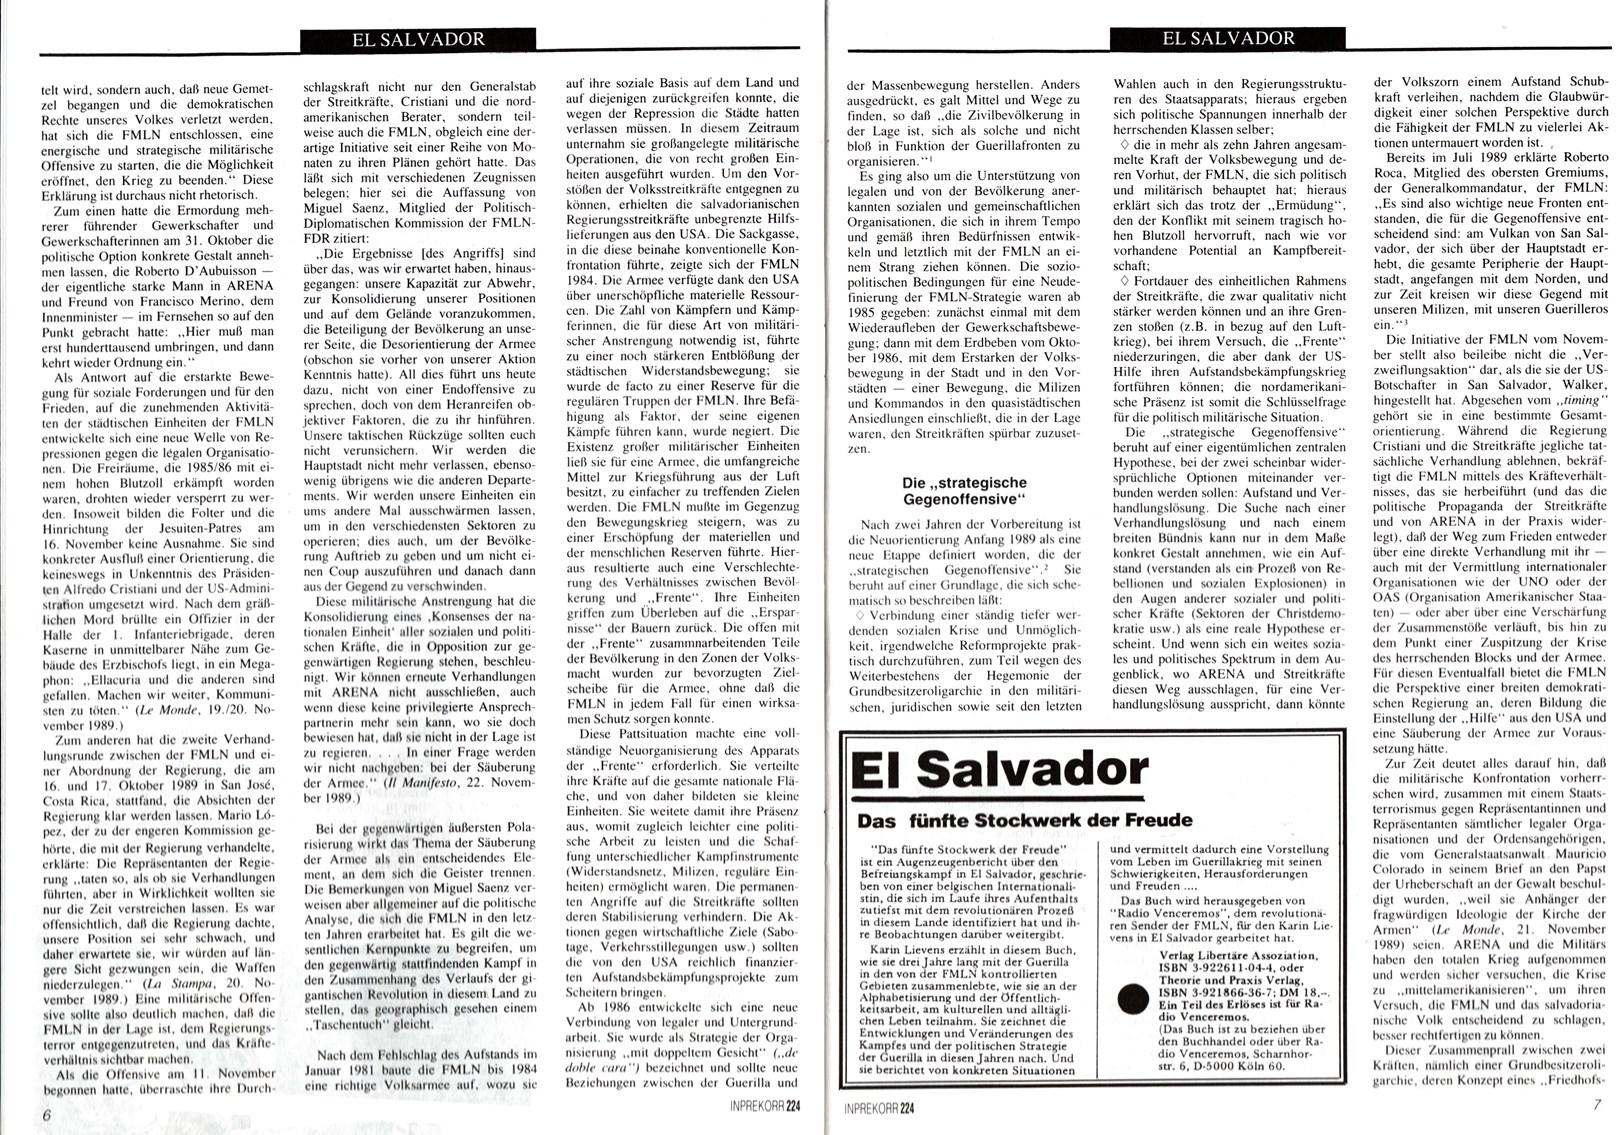 Inprekorr_19900200_224_004